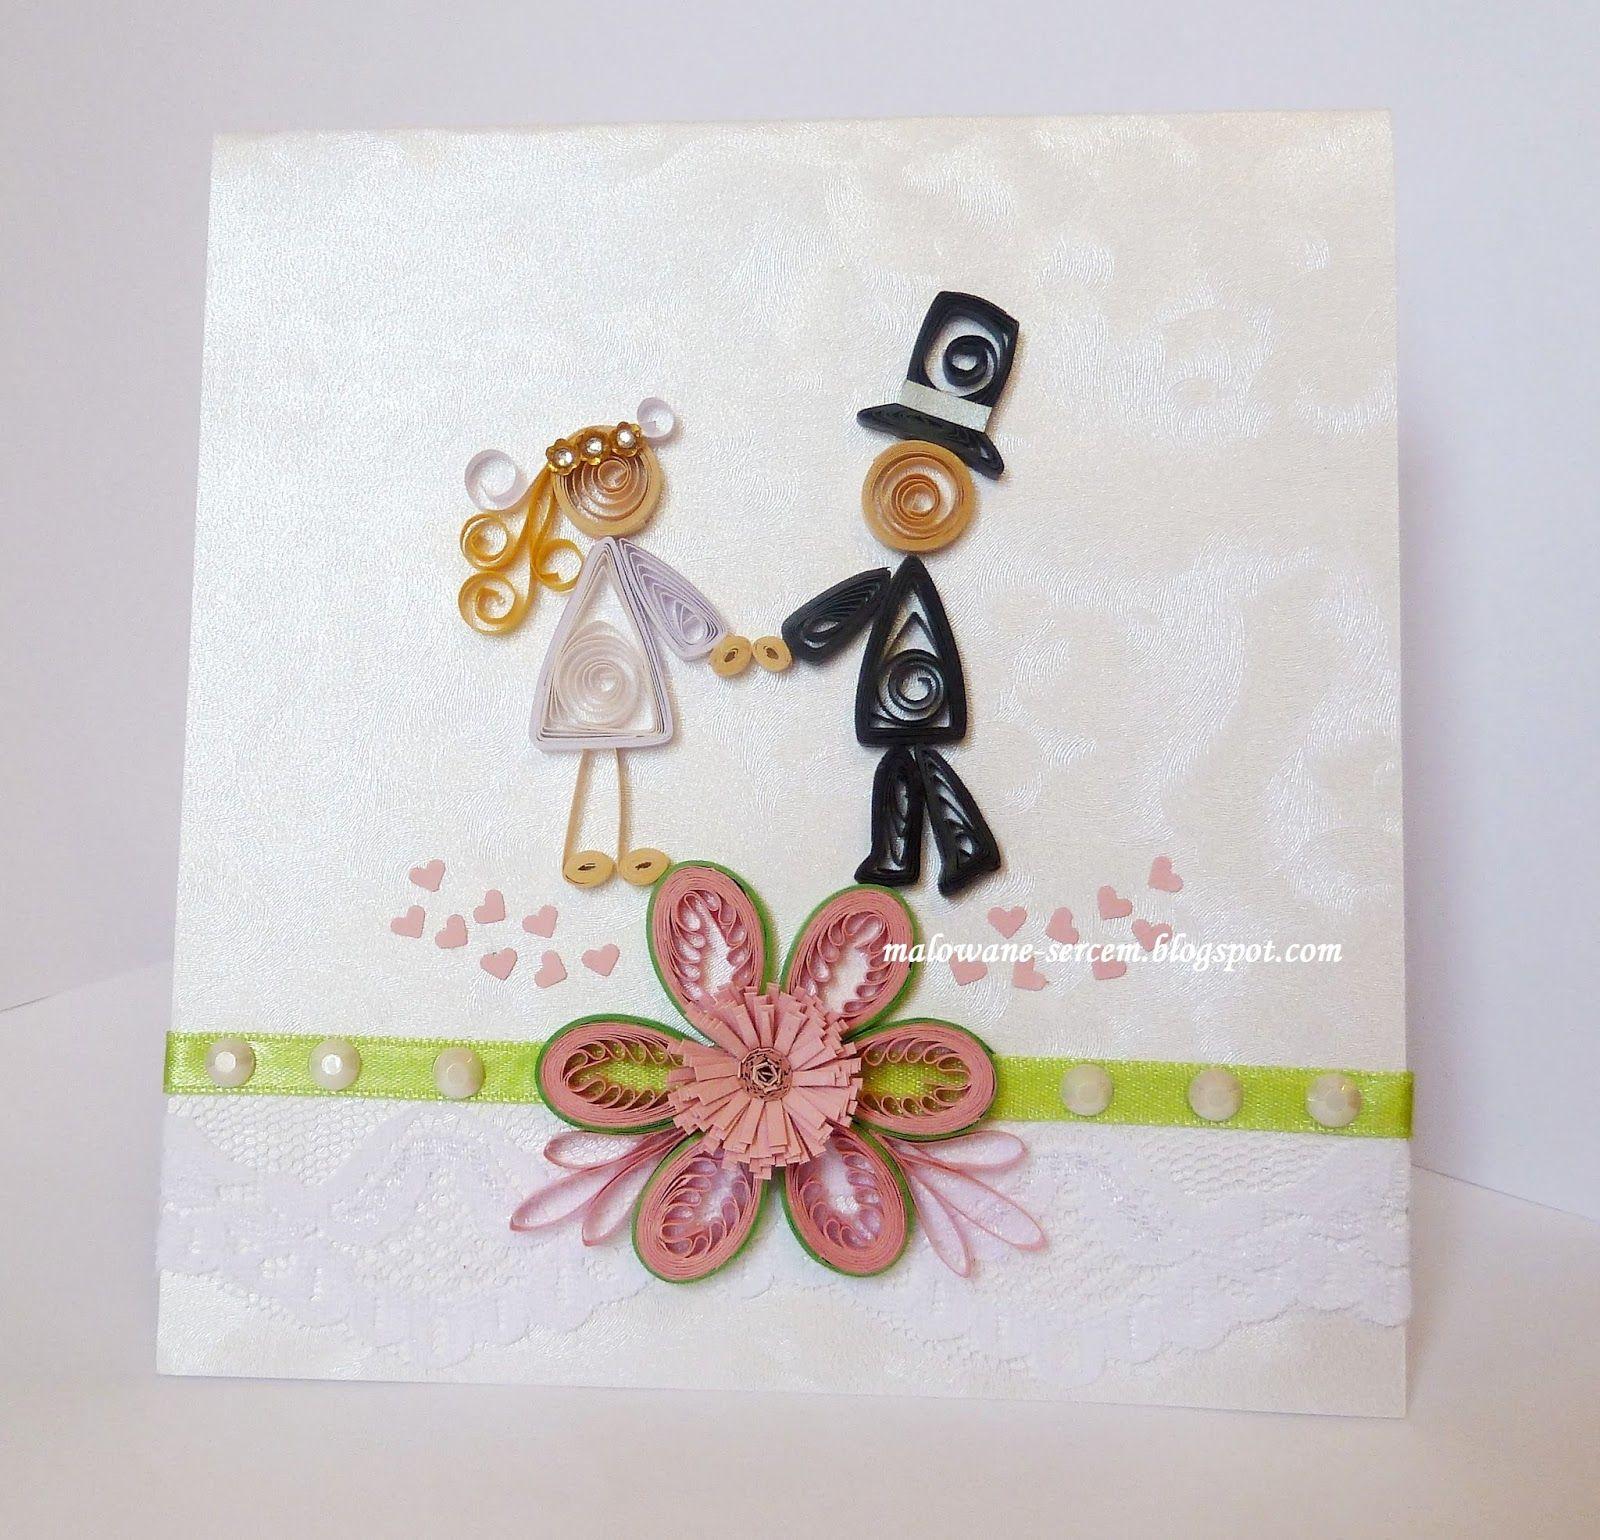 W dniu ślubu #WeddingDay #cards #quilling #paperfiligree